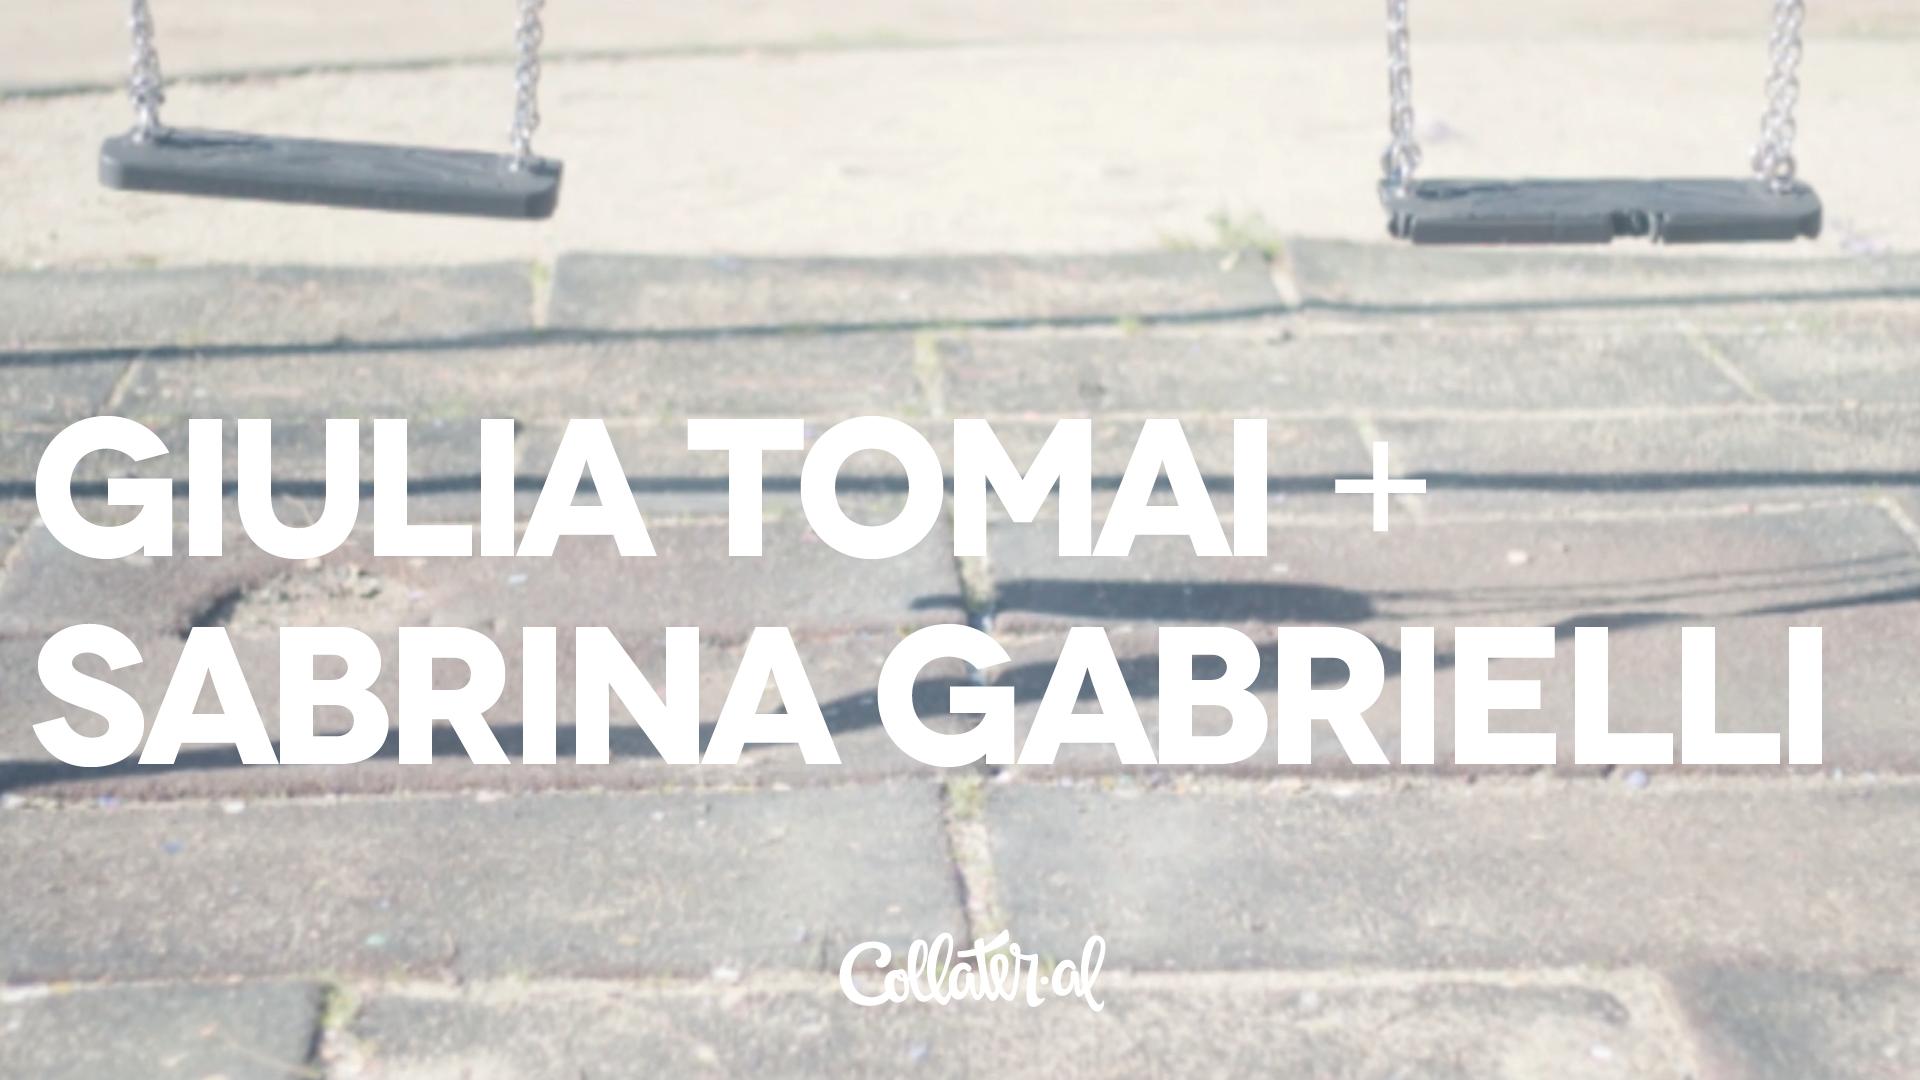 Sabrina Gabrielli + Giulia Tomai